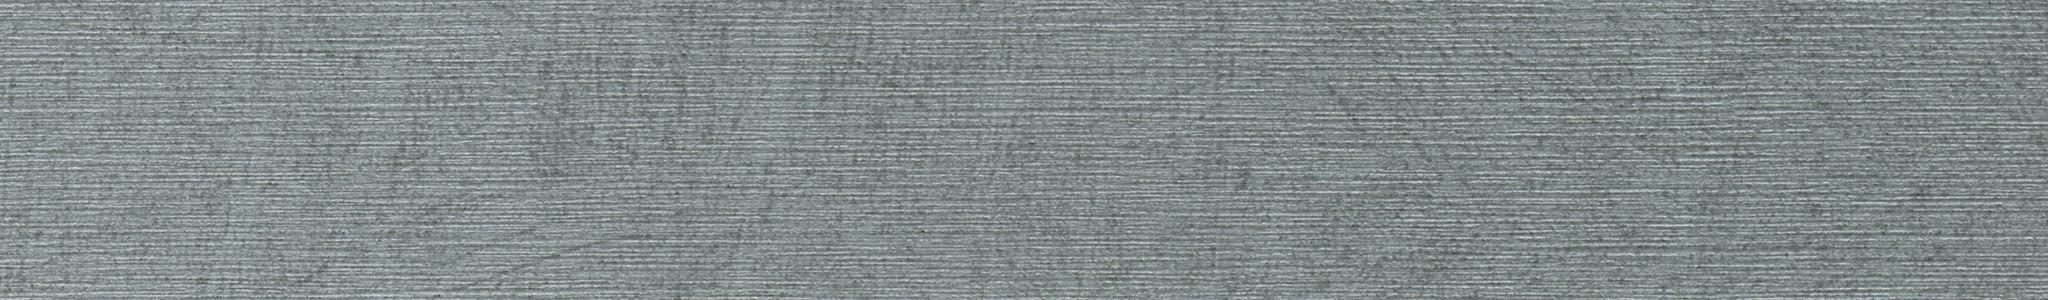 HD 29434 ABS hrana ocel šedá gravír